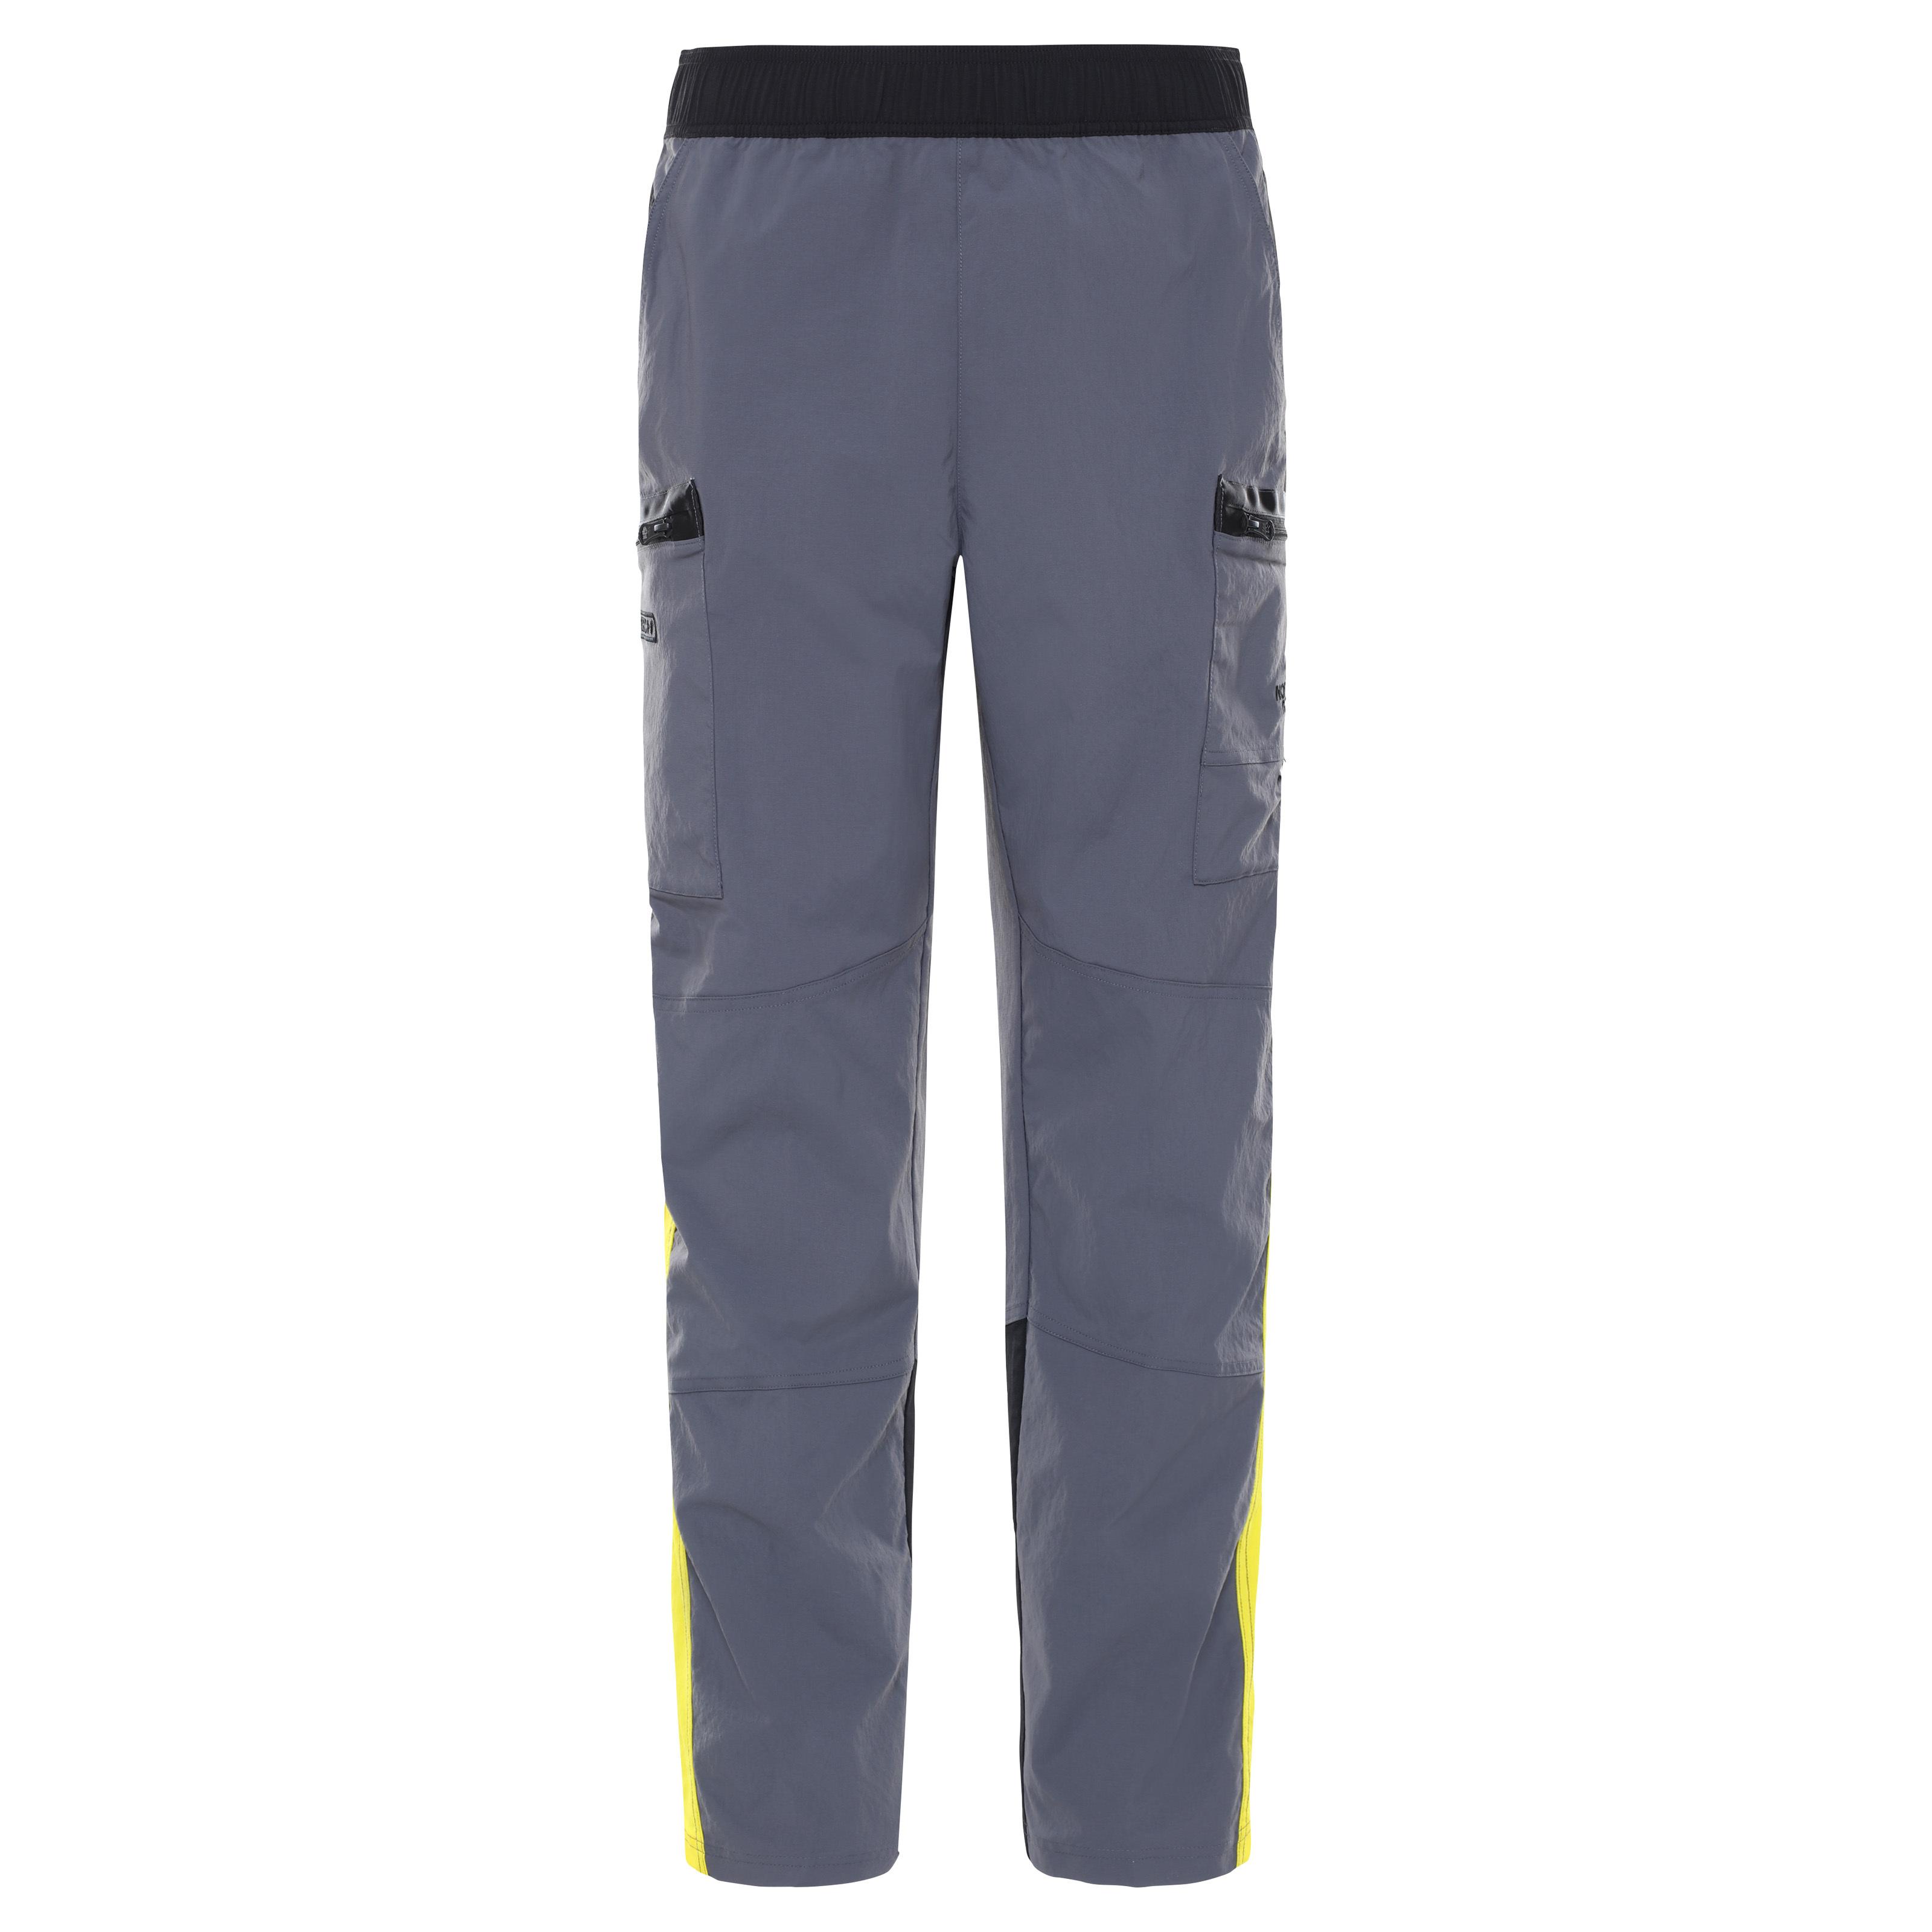 Îmbrăcăminte The North Face Steep Tech Pants Vanadsgry/ Lghtngyw/ Tnfblk